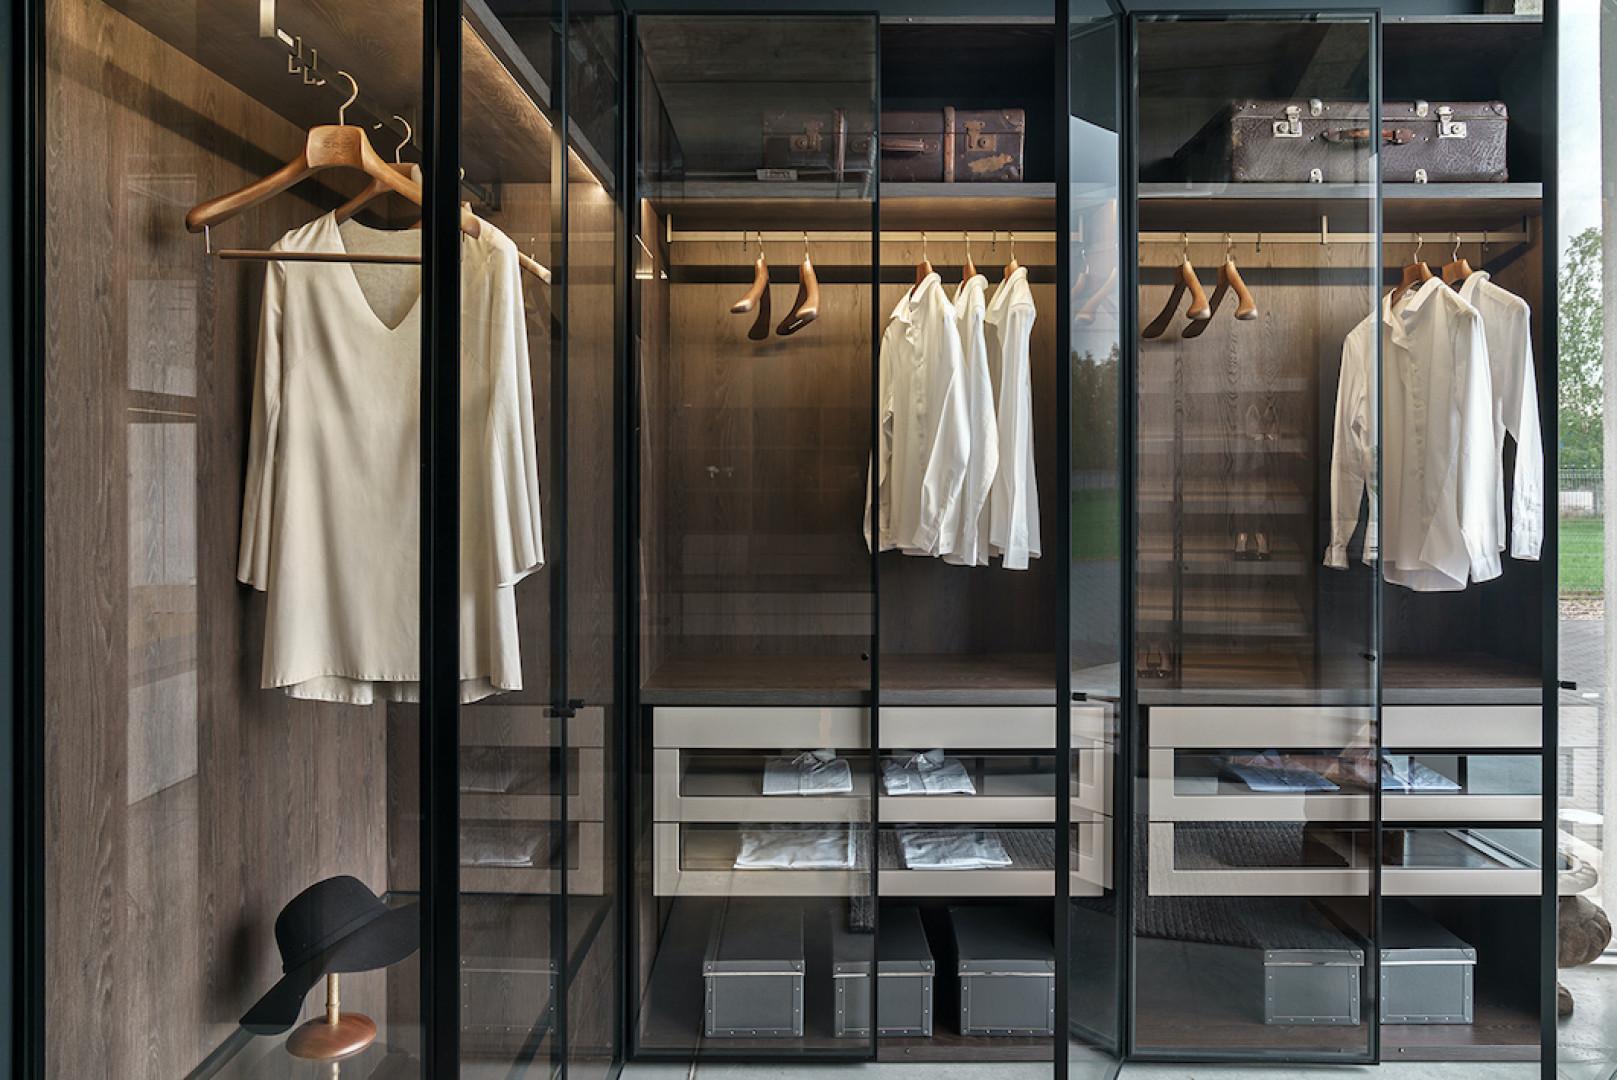 Garderoba jak witryna. Szkło i aluminium w roli głównej. Fot. Zajc